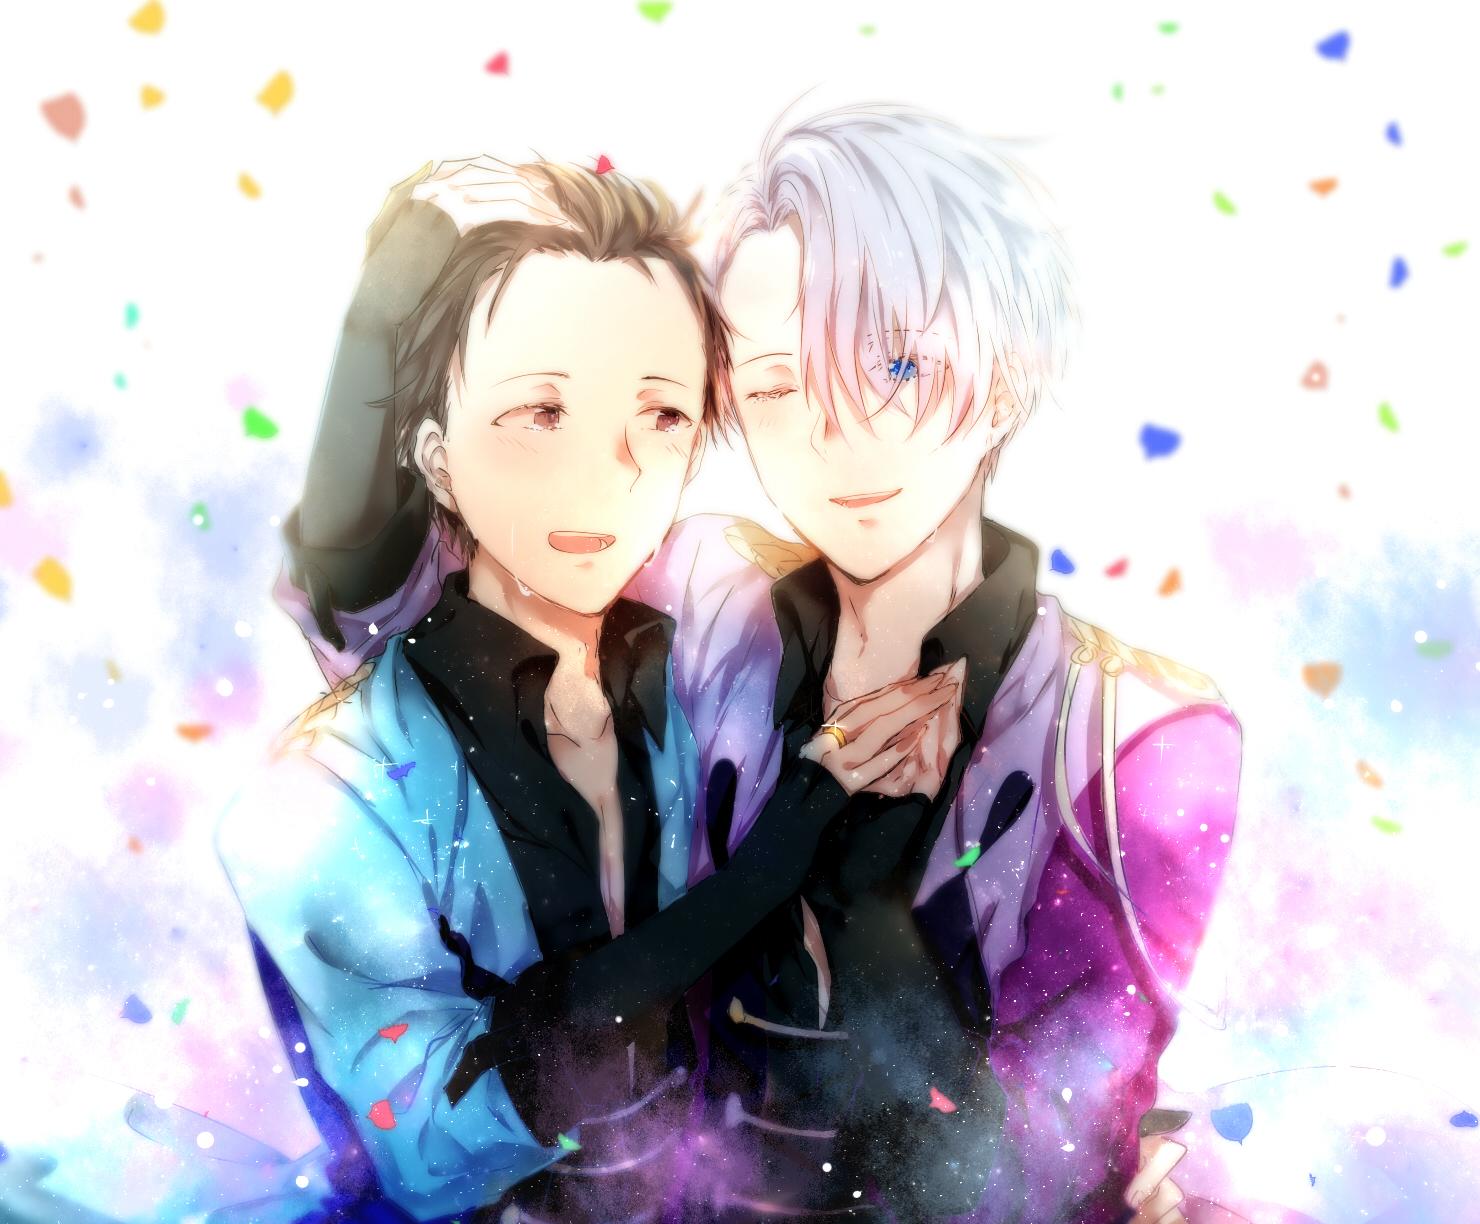 Yuri On Ice Image 2062275 Zerochan Anime Image Board